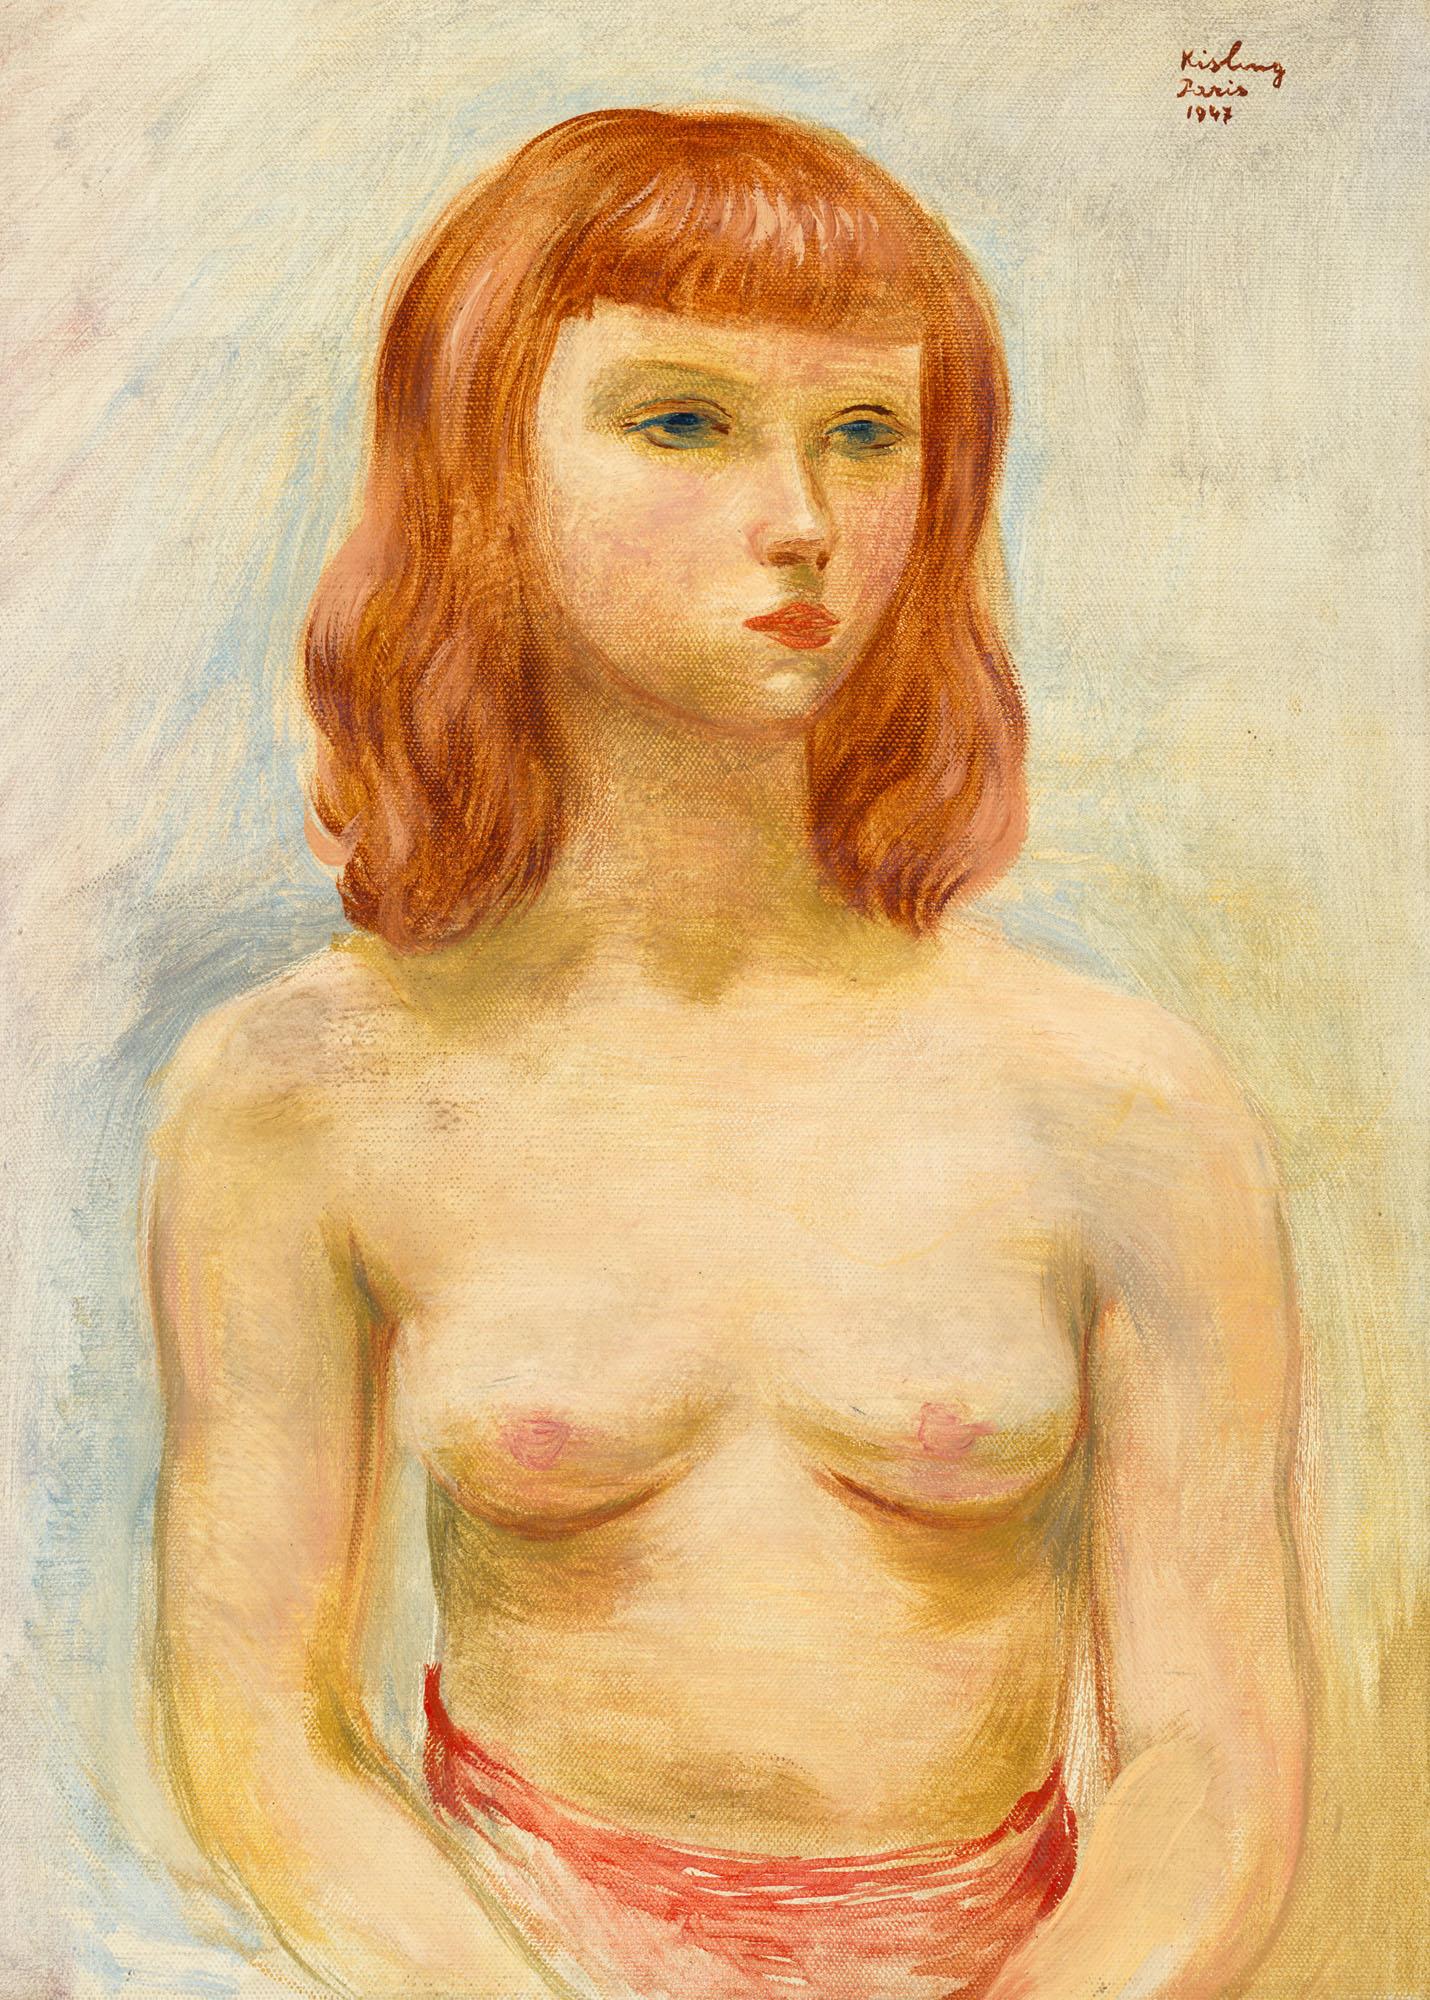 """Mojżesz Kisling (1891-1953) """"Portret rudowłosej"""" źródło: Christie's"""